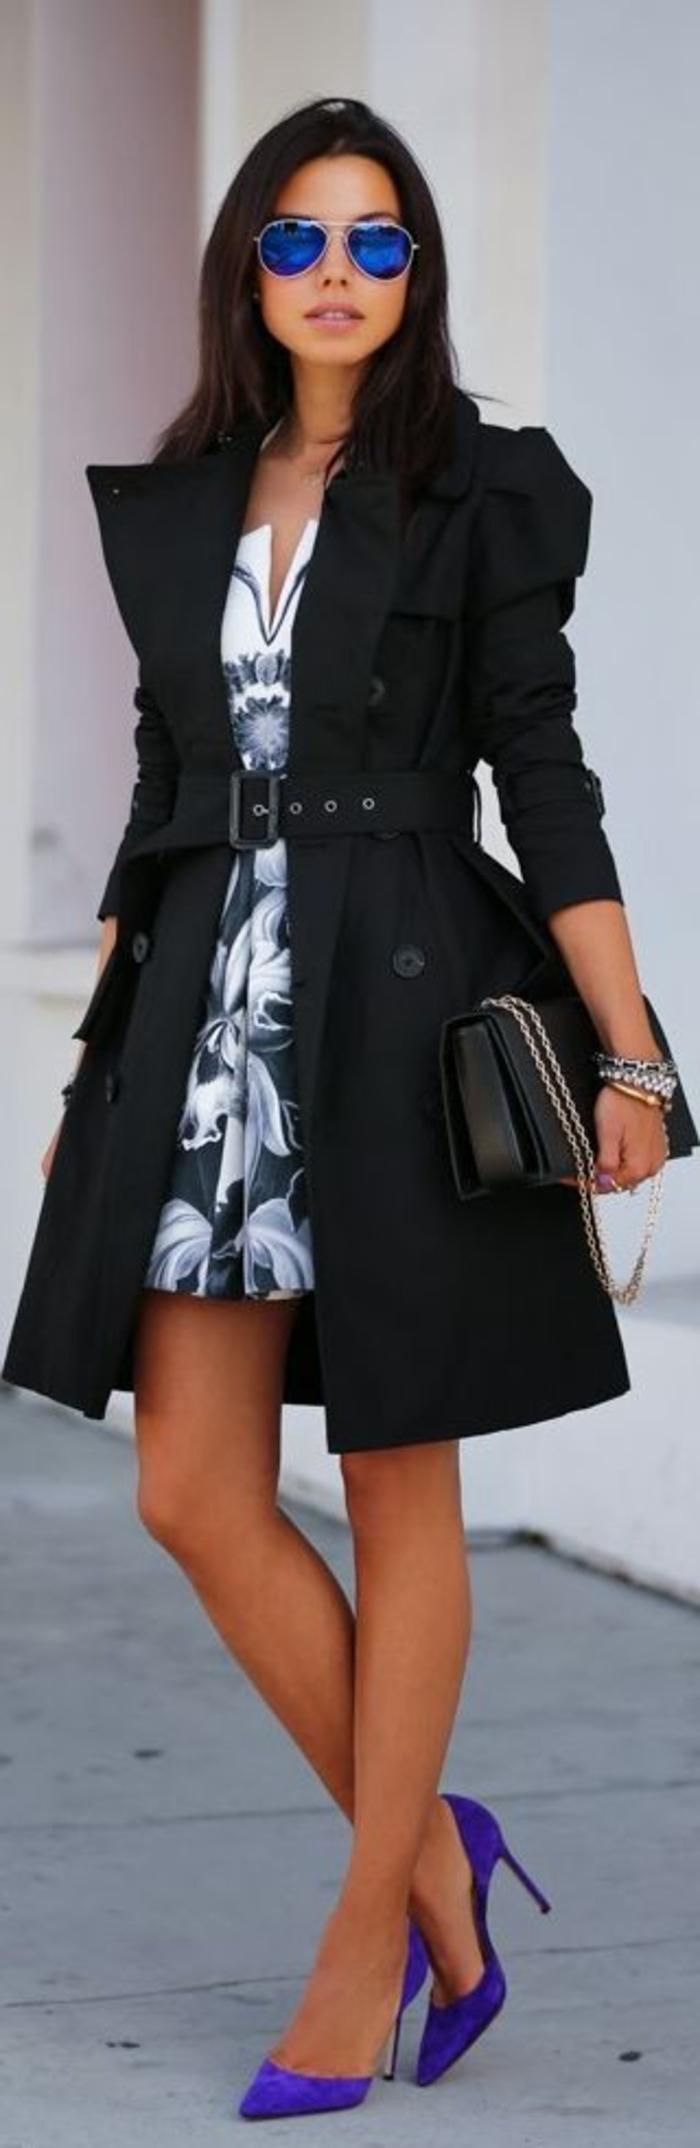 femme-adoptez-les-tenues-chics-pour-femmes-quotidiennement-tenue-de-jour-chaussures-a-talon-bleues-lunettes-de-soleil